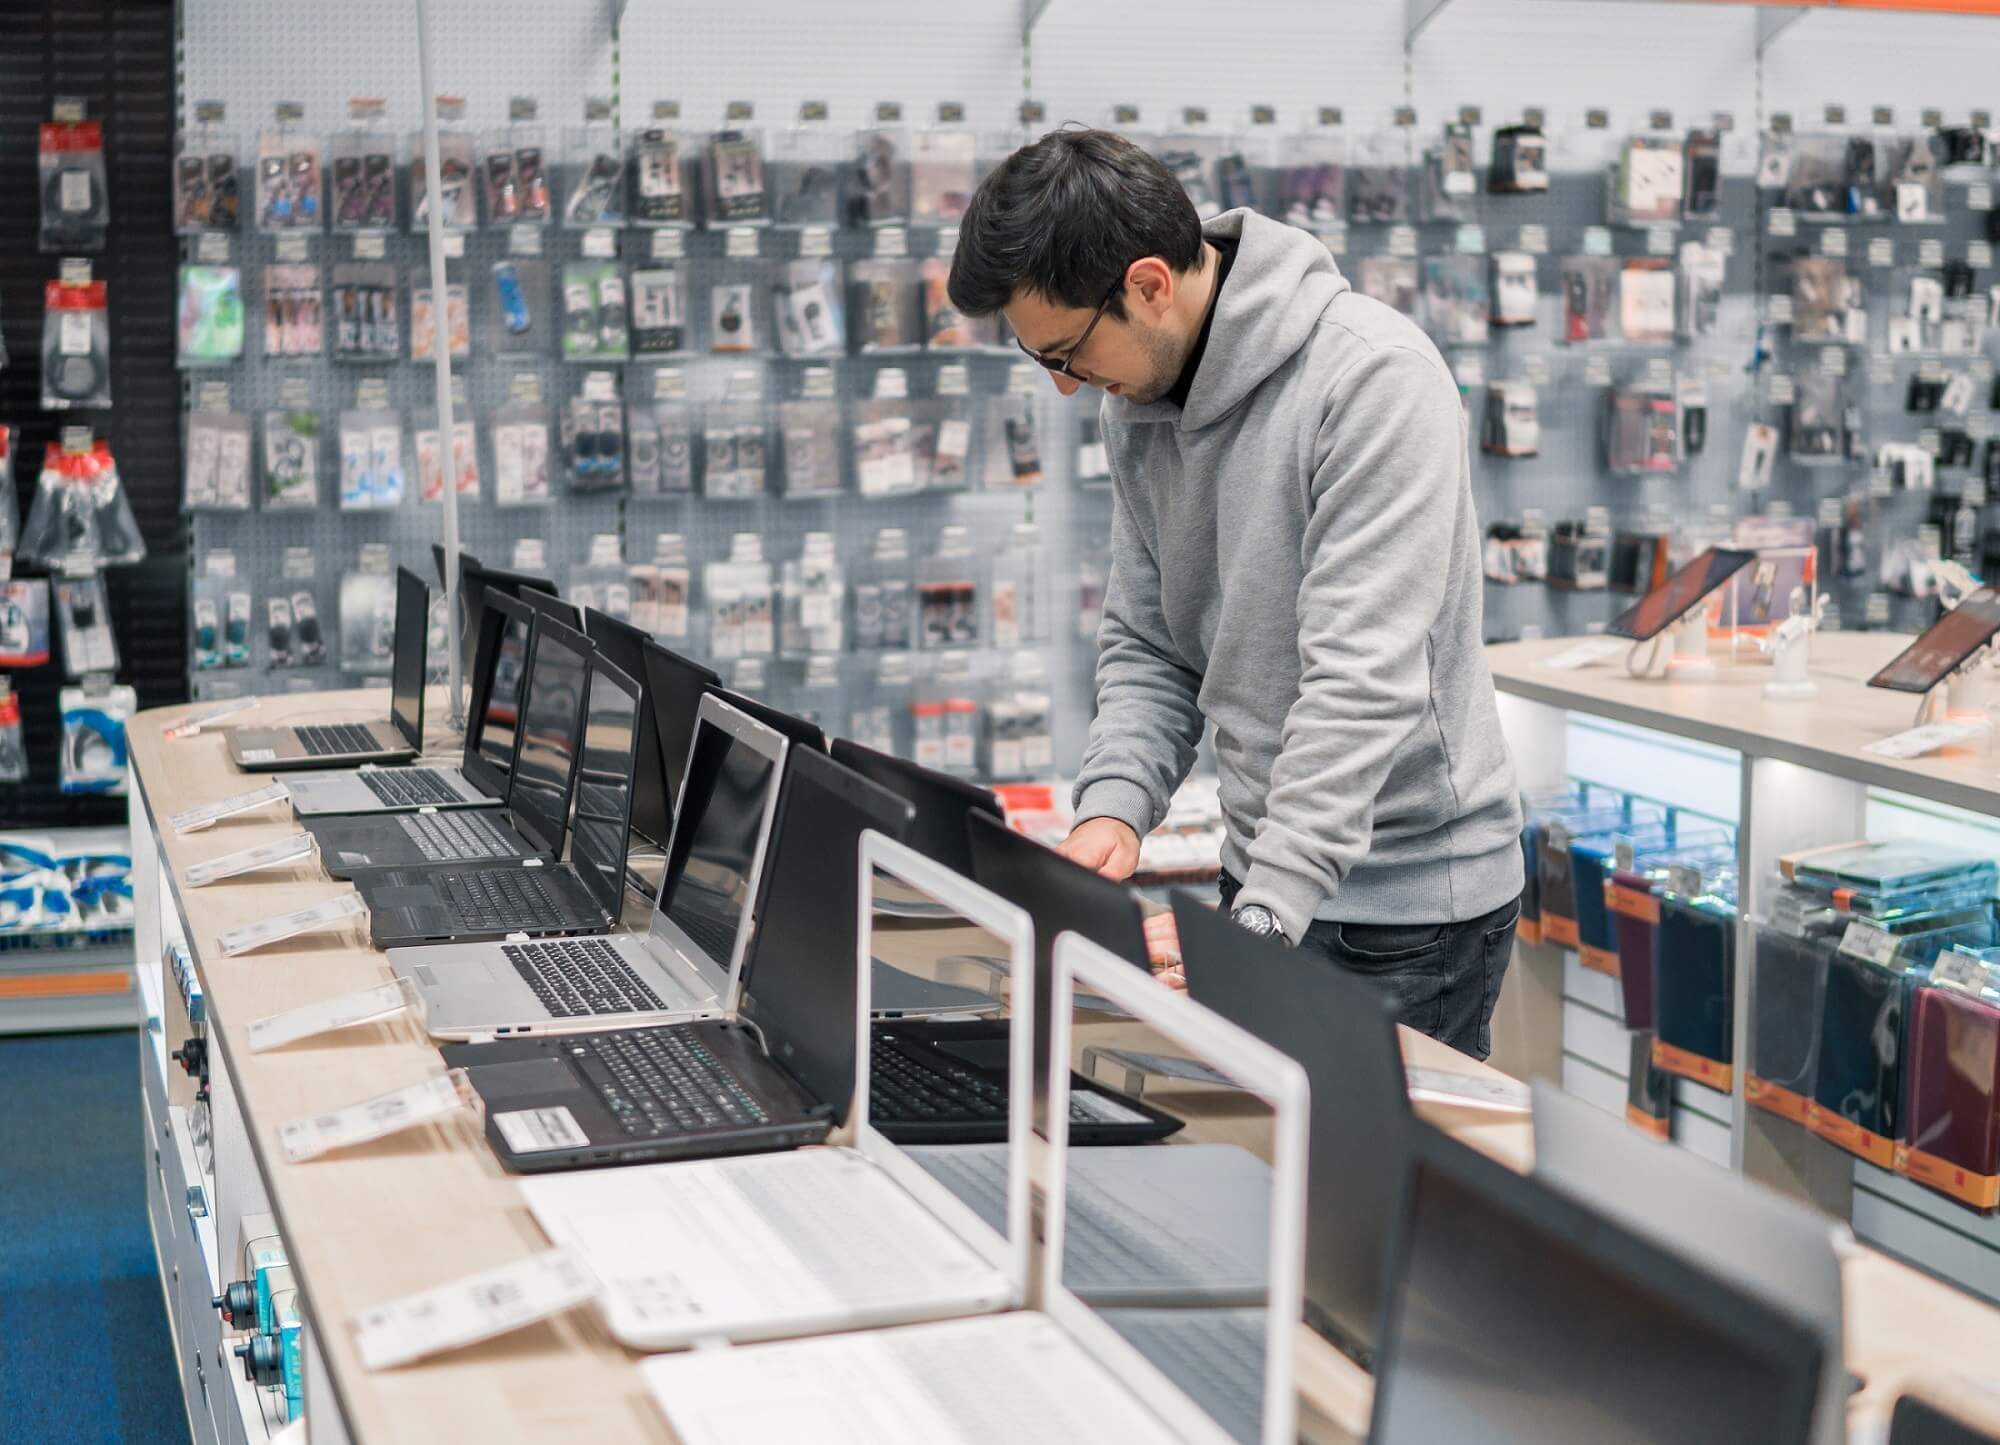 مبيعات الحواسيب خلال سنة 2018